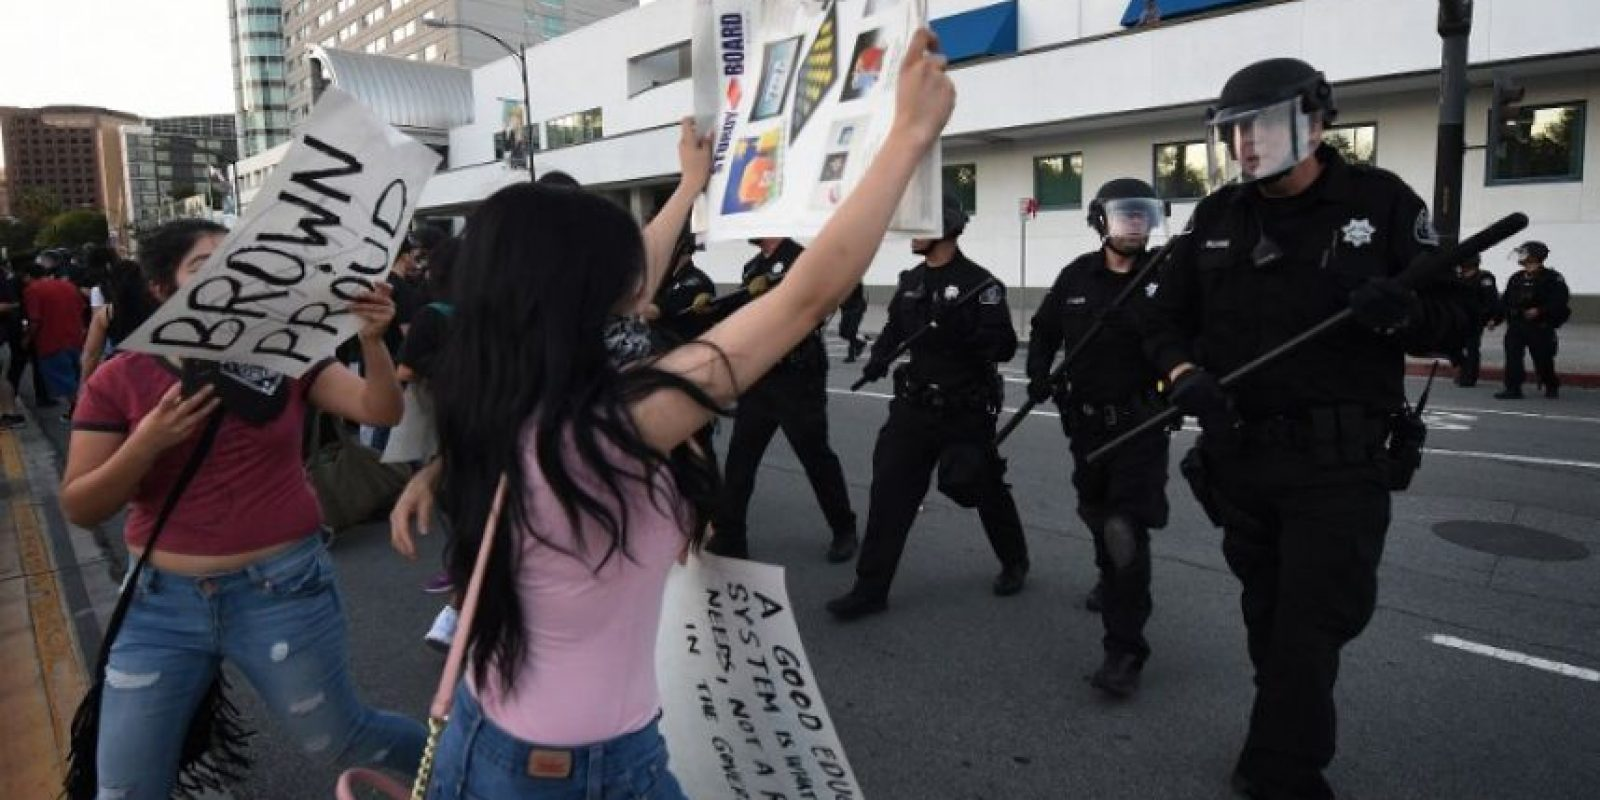 De acuerdo al Departamento de Policía, hubo algunos arrestos, sin detallar cuántos, informó CNN Foto:AFP. Imagen Por: